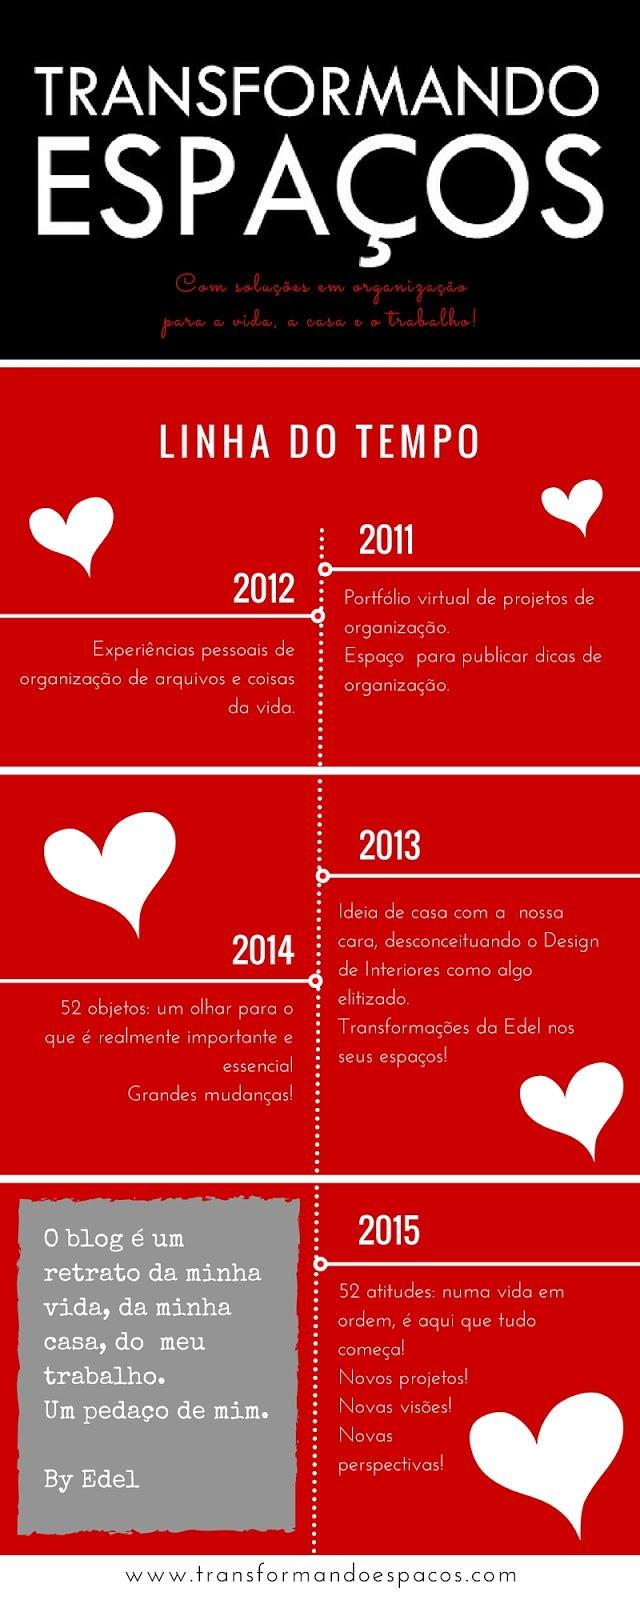 Níver de 5 anos do blog Transformando Espaços!